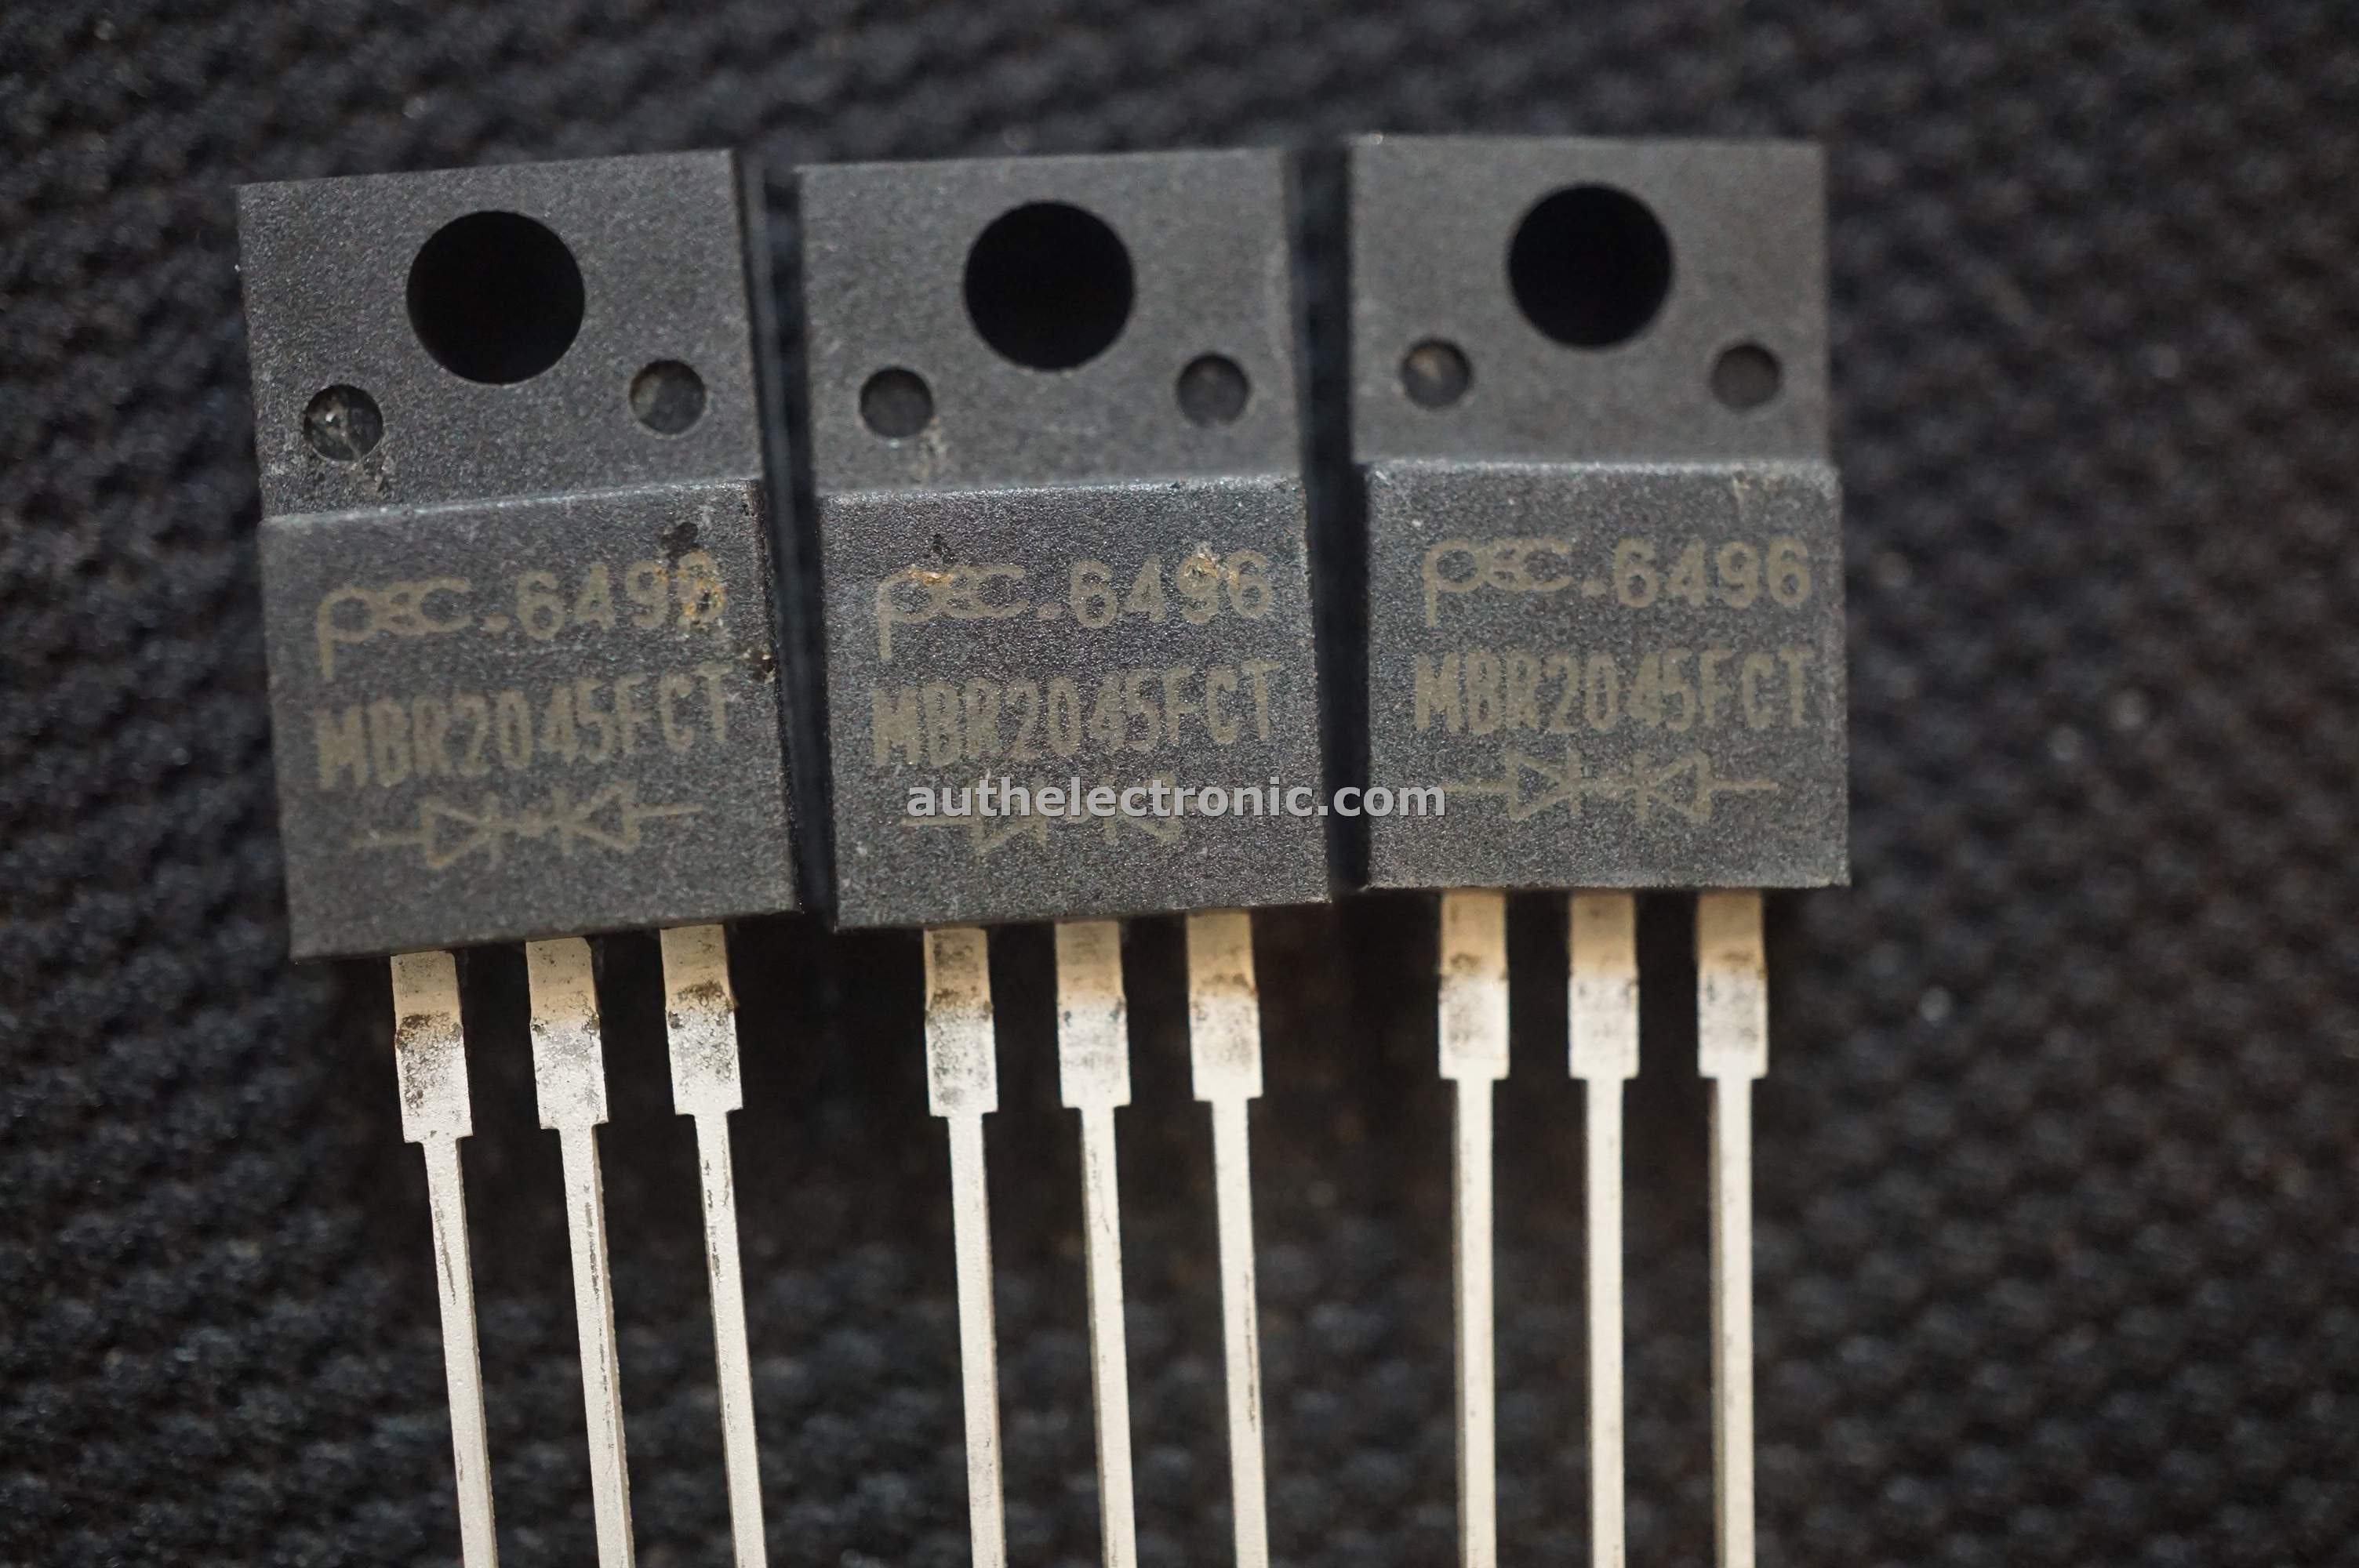 5pcs-original-diode-mbr2045-mbr2045fct-mbr2045ctg-2045ctg-b2045g-b2045-2045-45v-